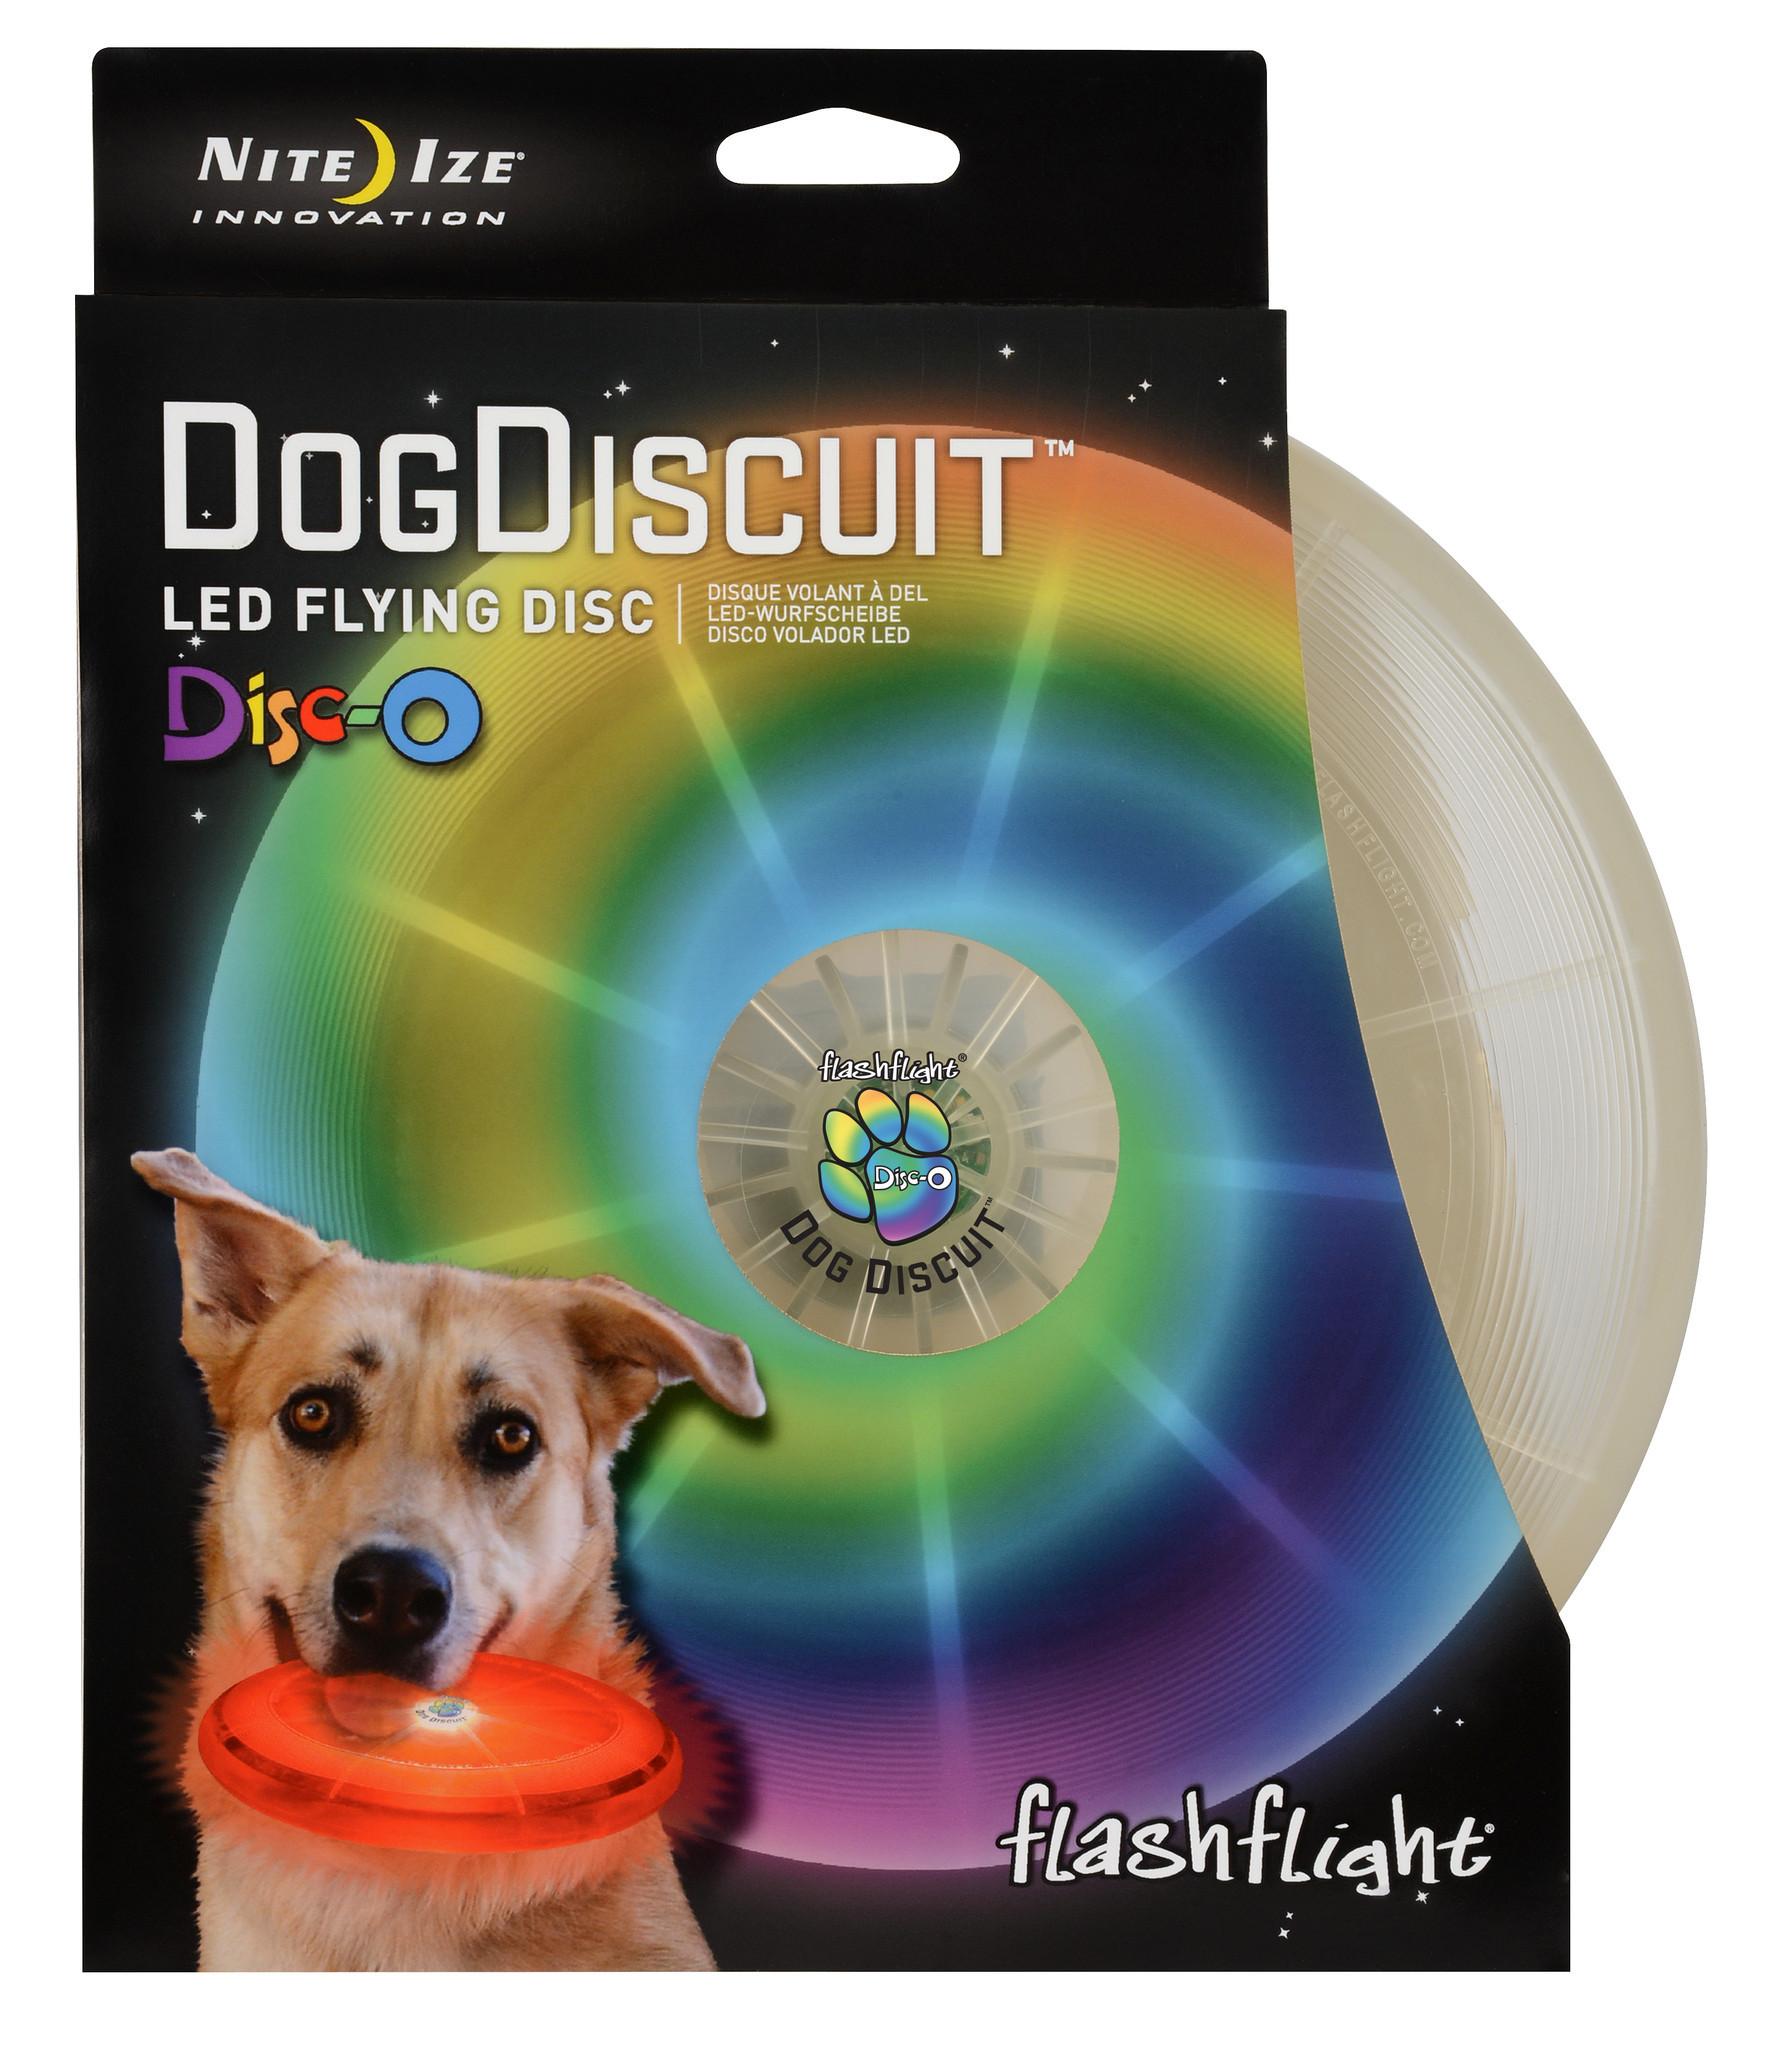 nite ize flashflight dog discuit - led light-up flying disc